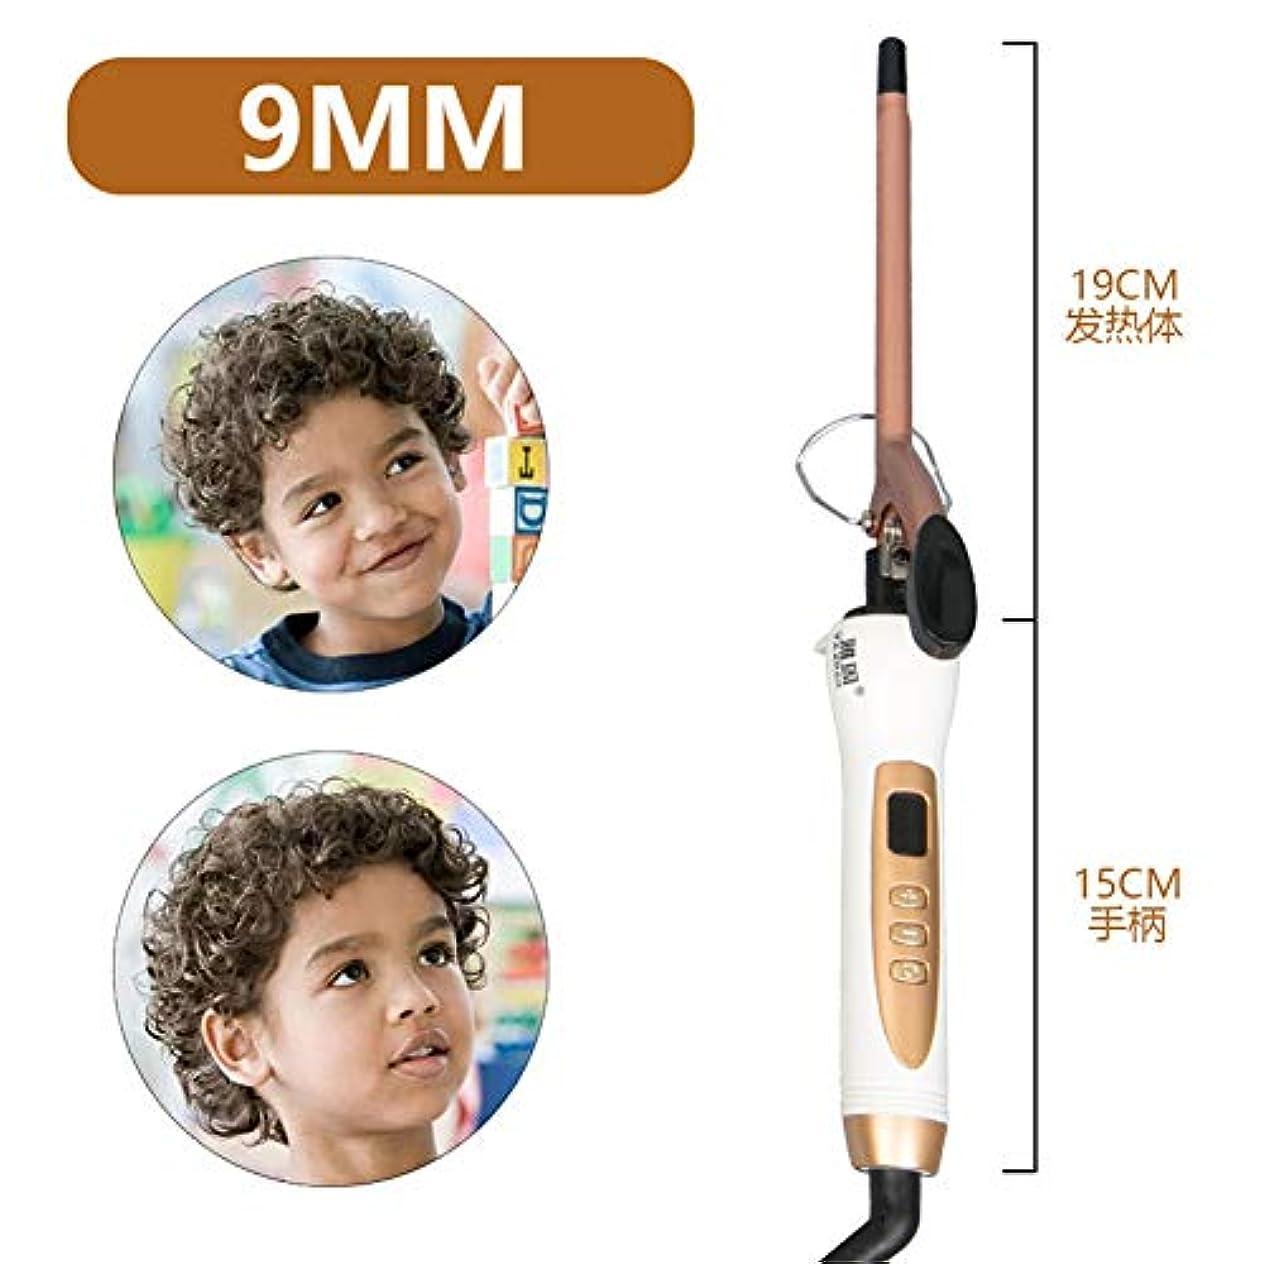 汚れる耐えられない思われるプロフェッショナルセラミックヘアカーラーカーリングトングスタイラー、LED9 / 22分の13/28分の25/32ミリメートル髪のツールの表示画面,9mm